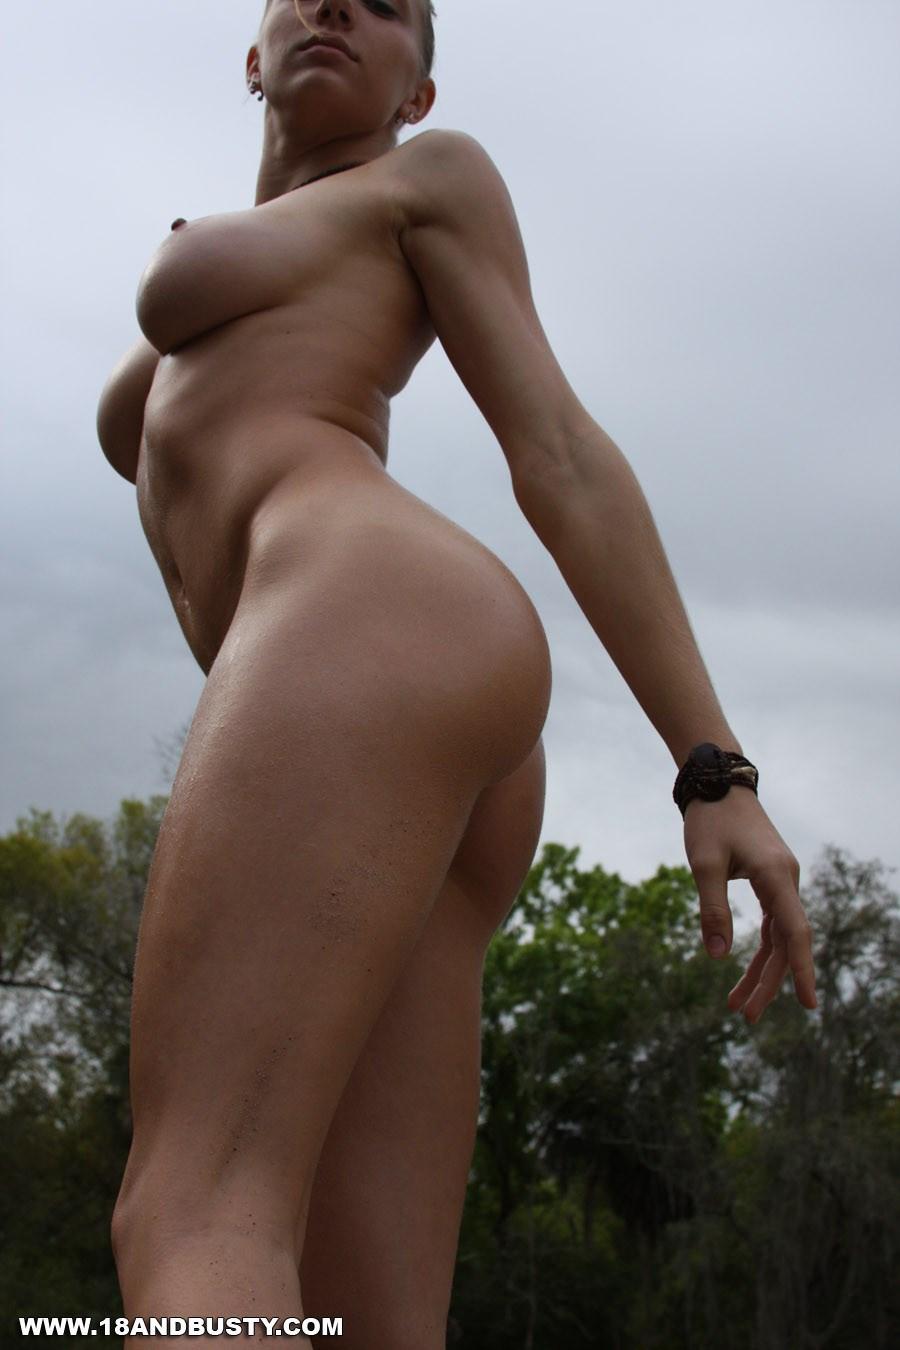 Частное порно фото ню девушек смотреть бесплатно